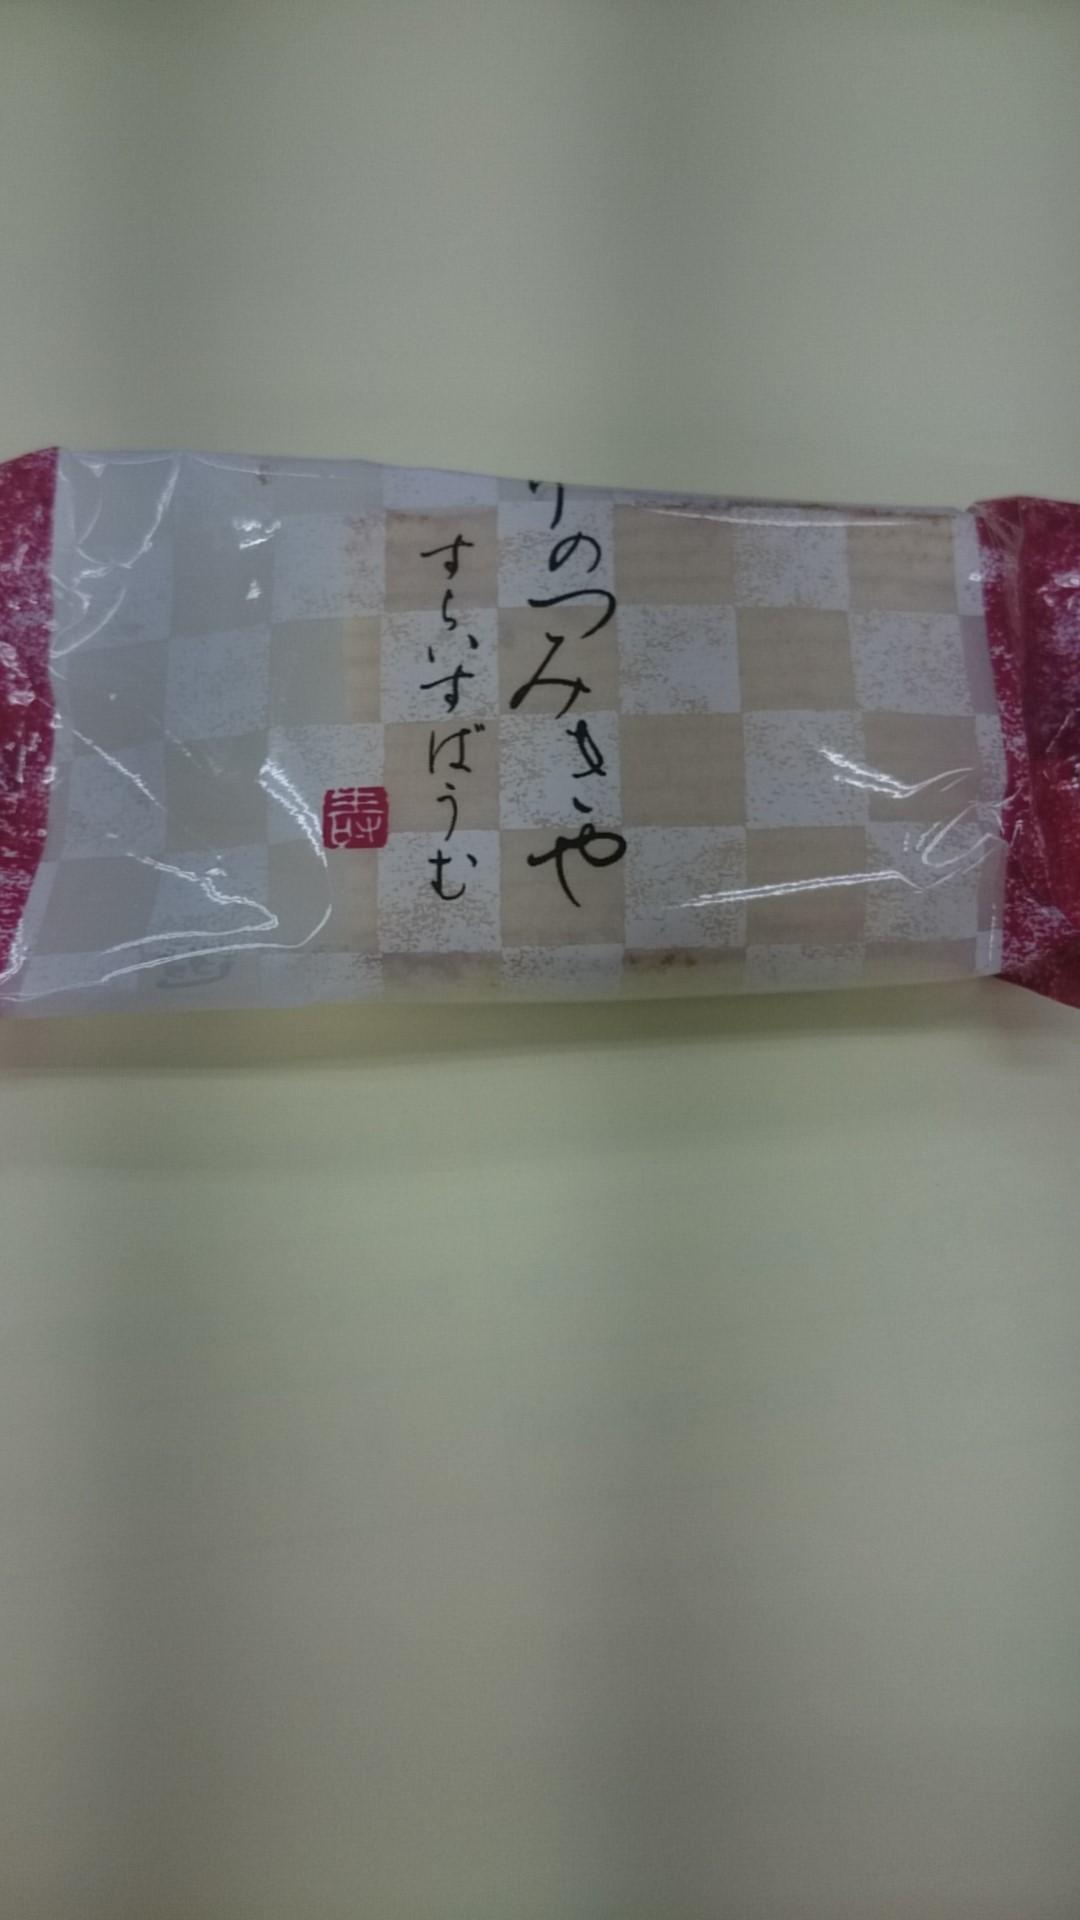 あずさ屋 木曽店 name=